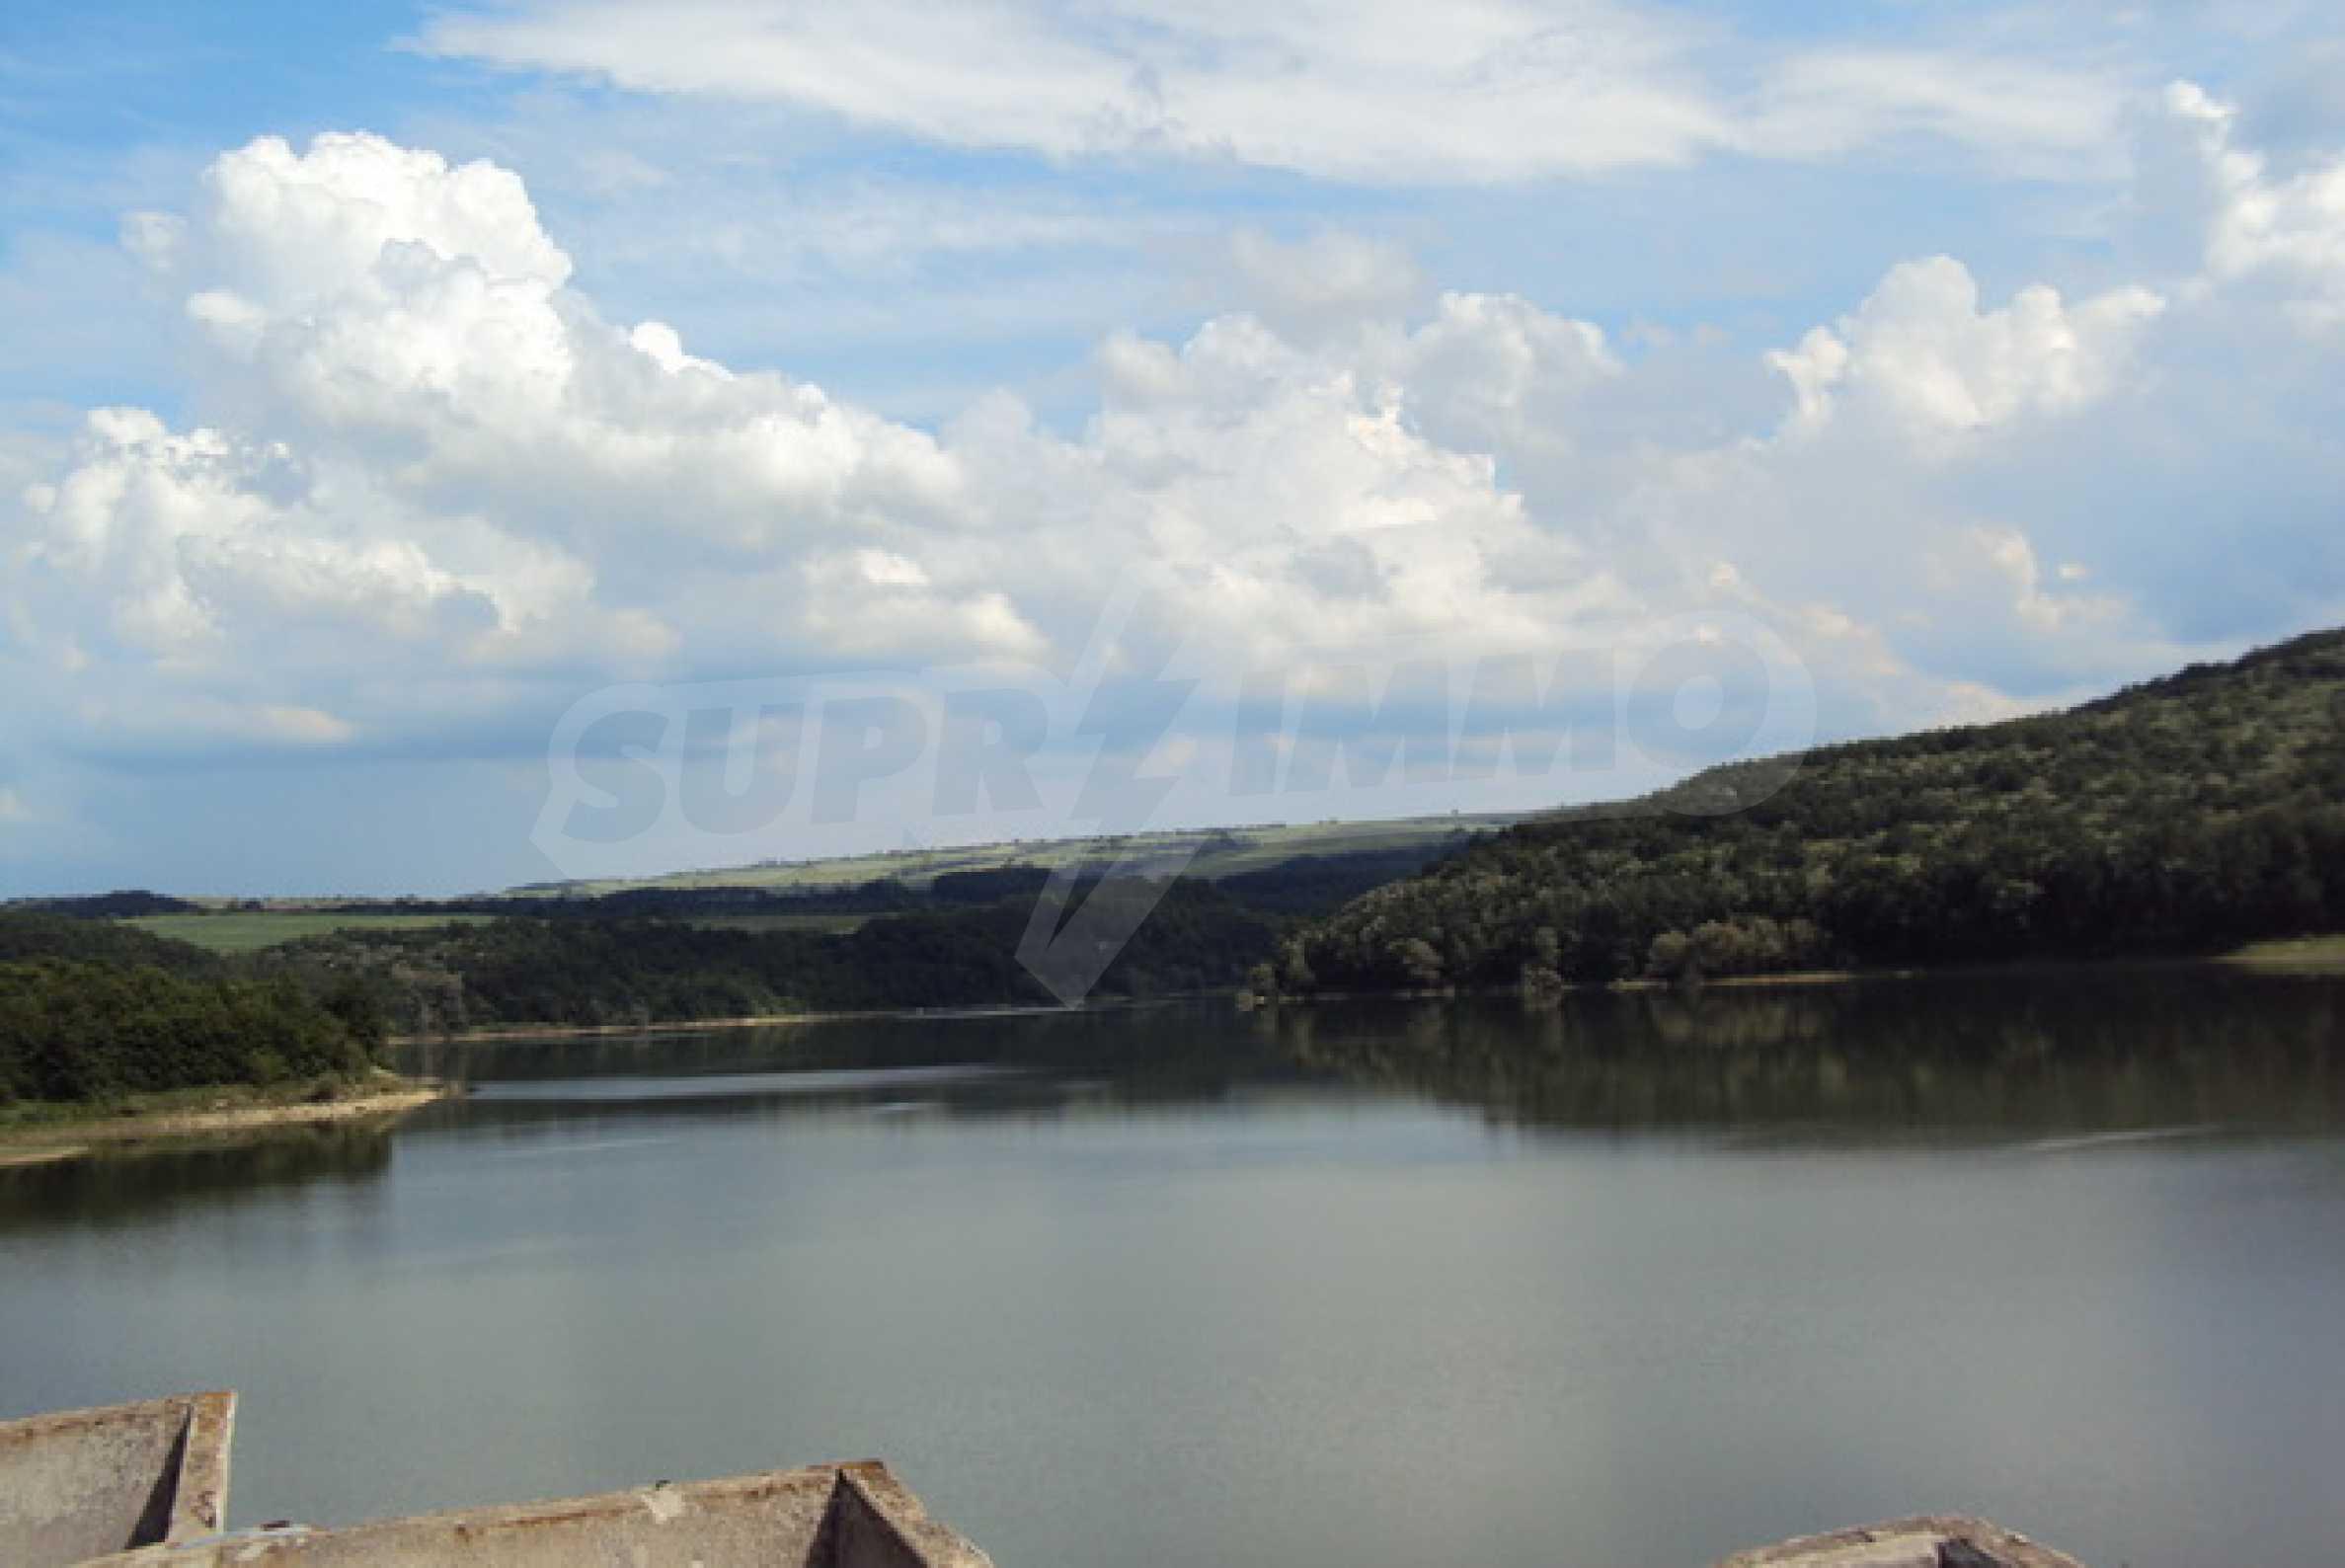 Massives Gebäude am Ufer eines Dammes 20